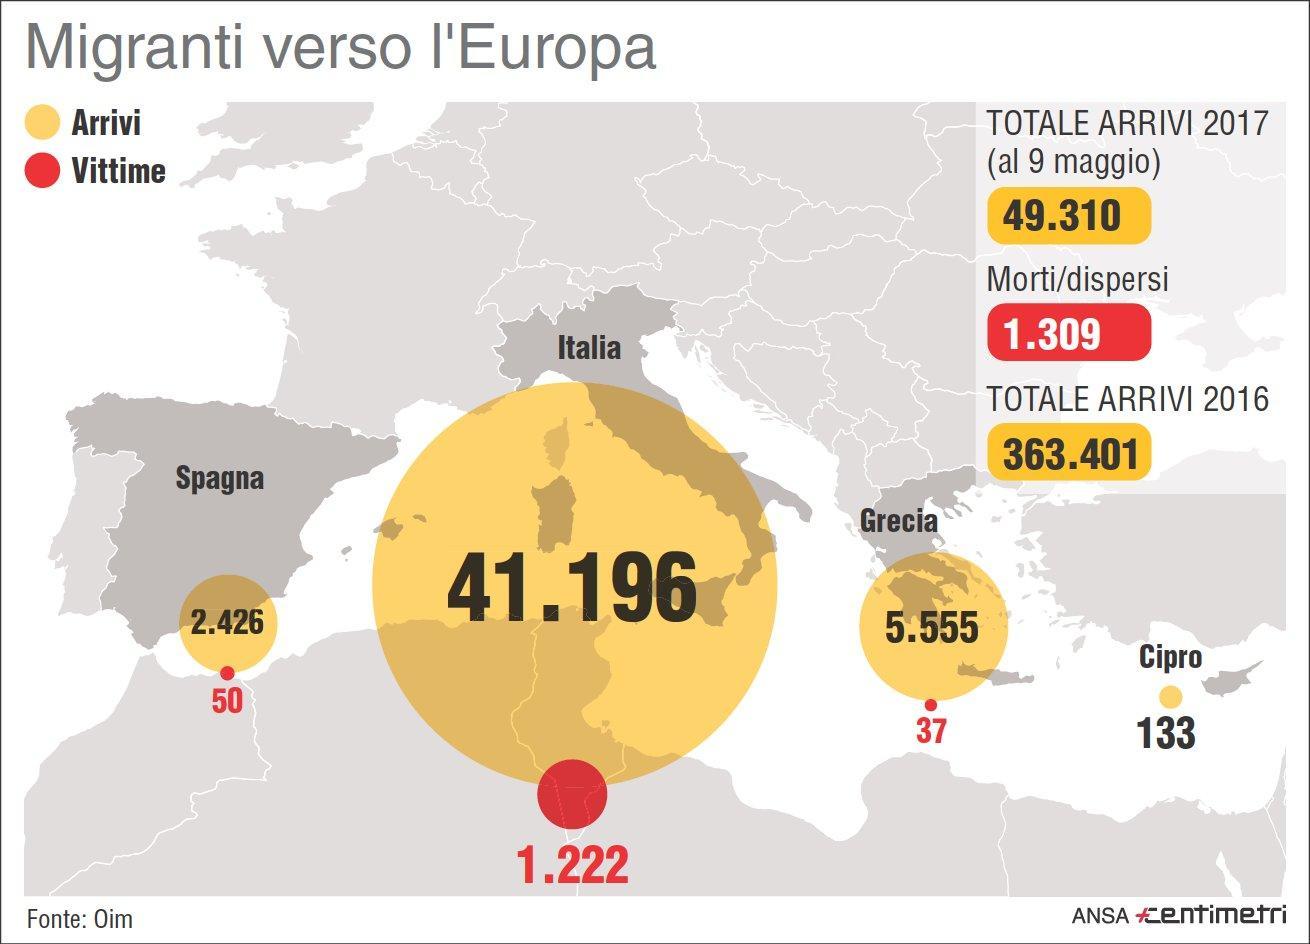 Migranti, gli arrivi e le vittime nel Mediterraneo